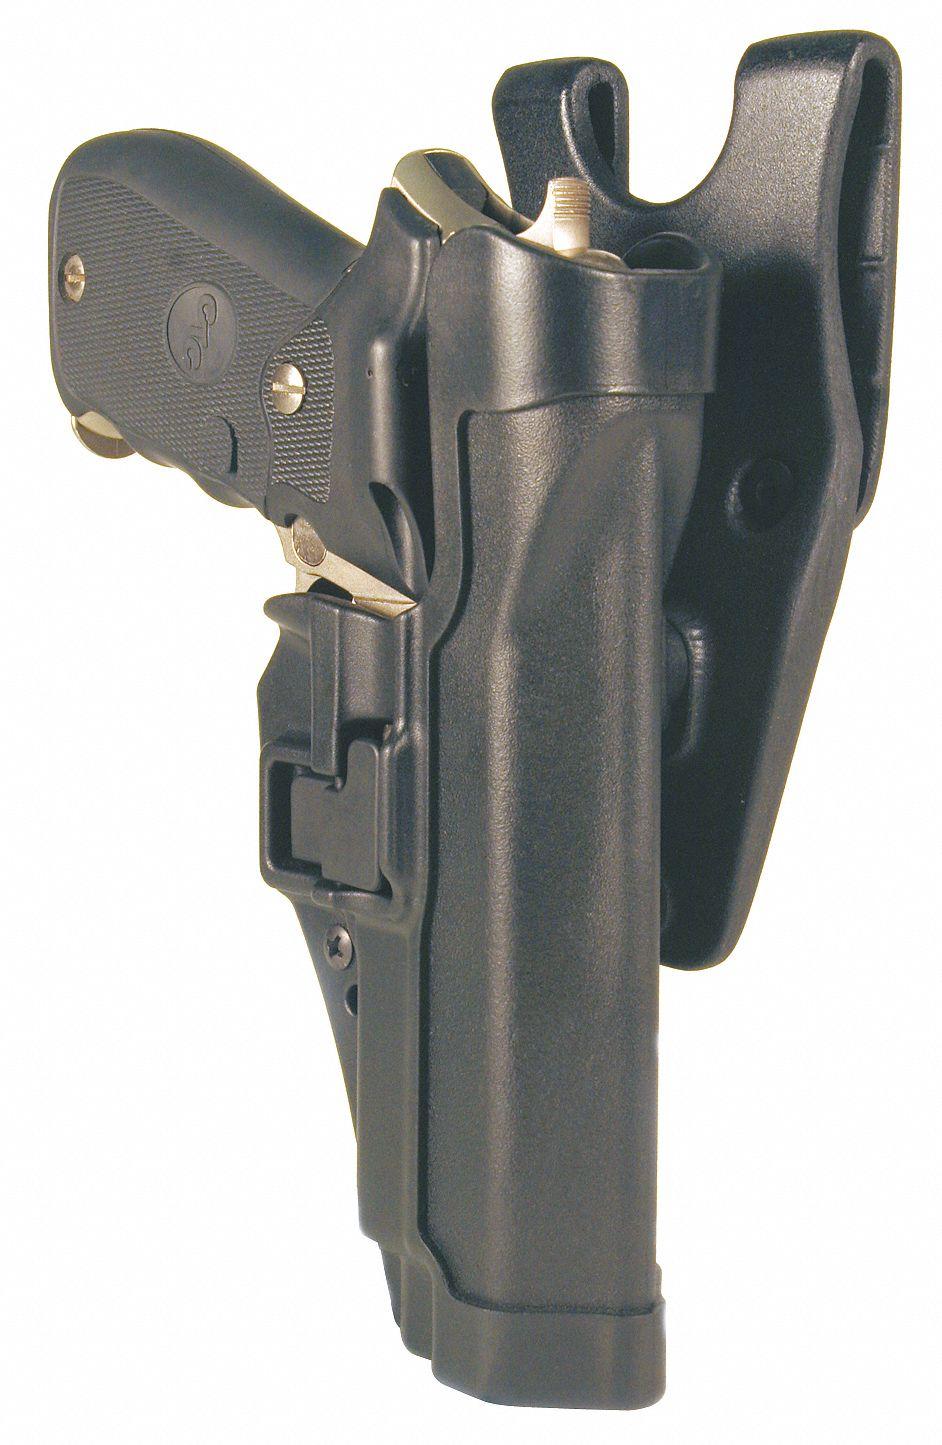 BLACKHAWK SERPA Taser X-26 Duty Holster